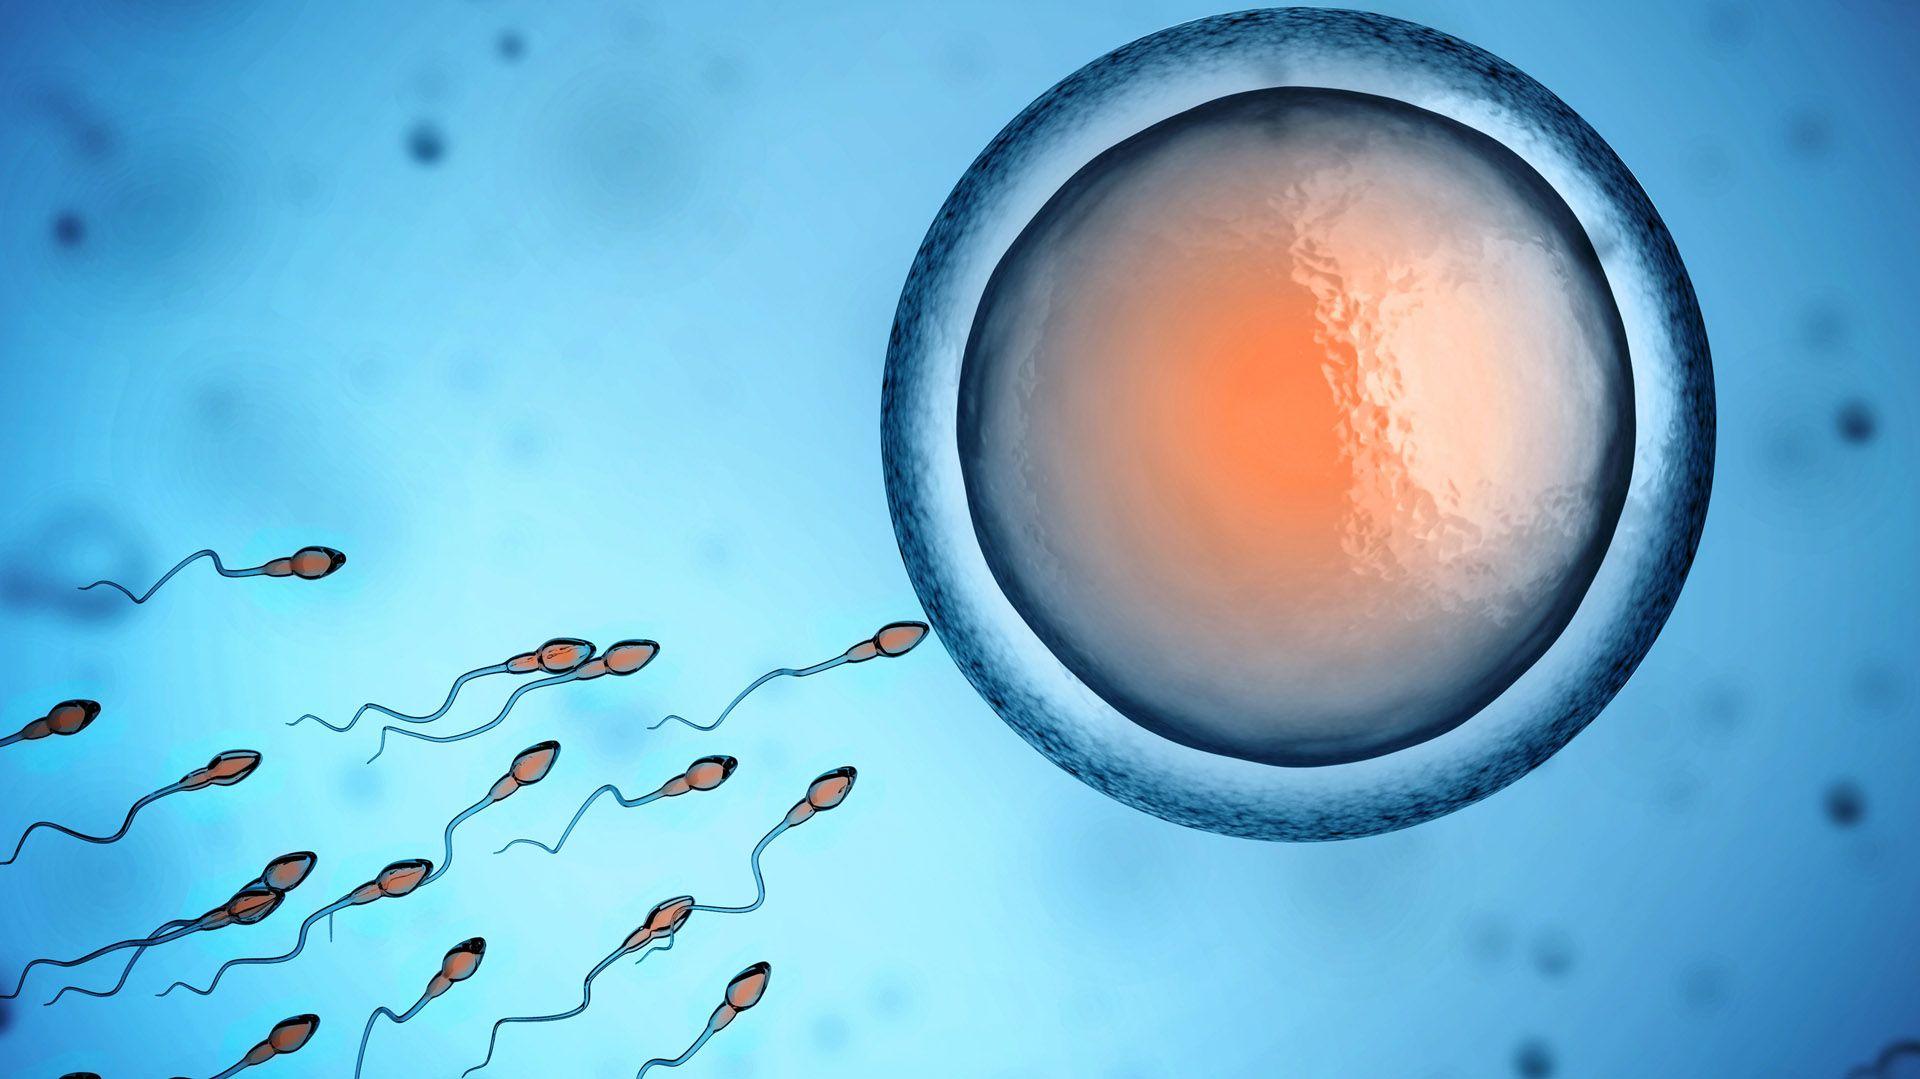 Las vacunas de Pfizer y Moderna aumentarían el nivel de esperma en hombres vacunados (Foto: Getty Images)